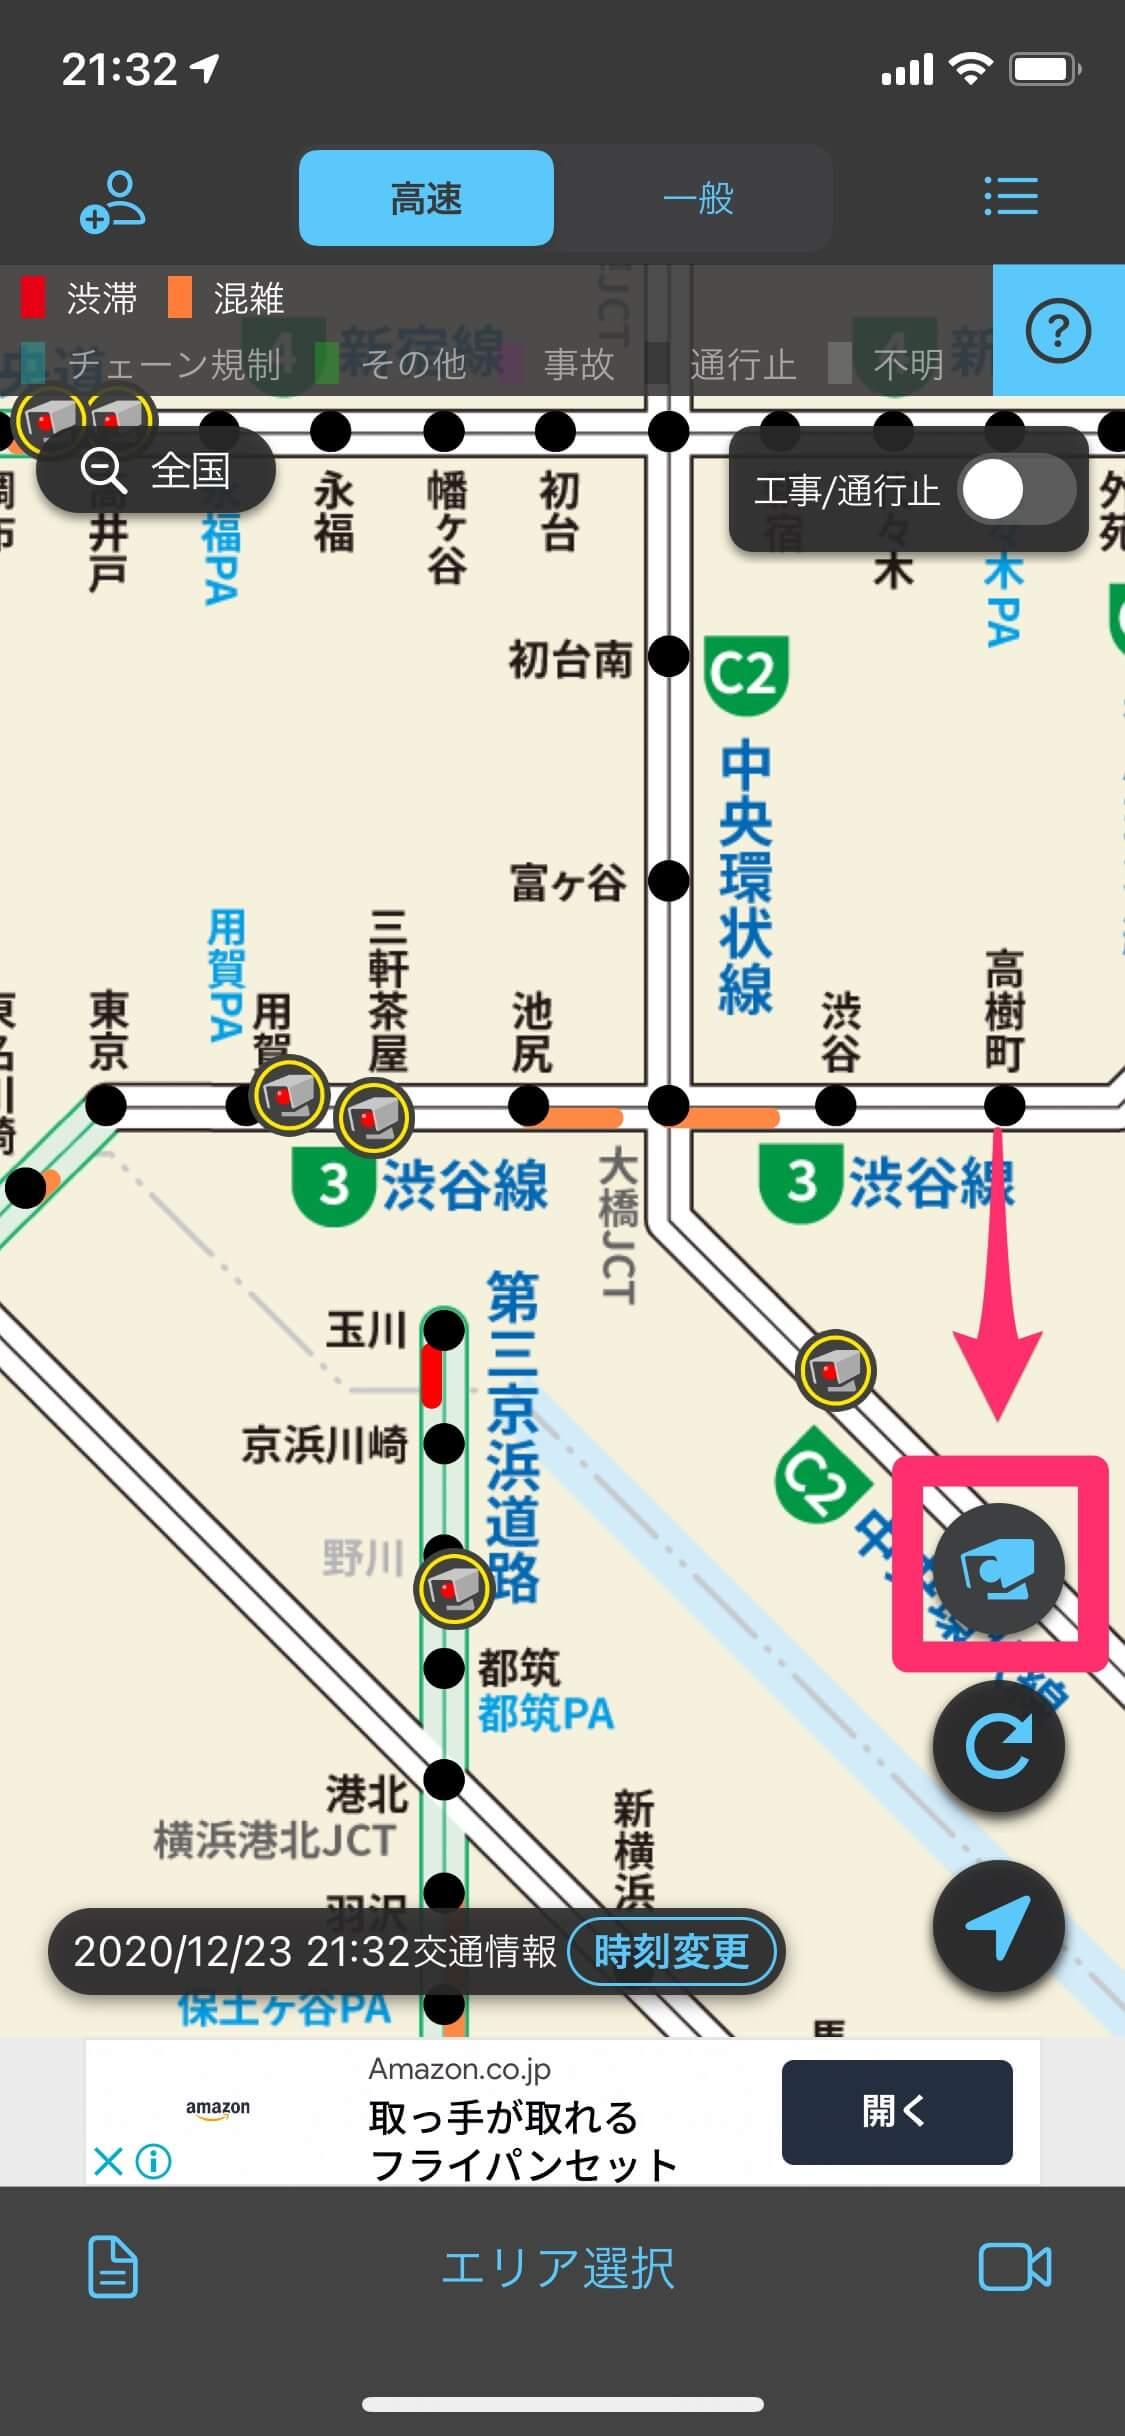 iPhoneで高速道路の渋滞を調べるならこのアプリ!【2021年版】